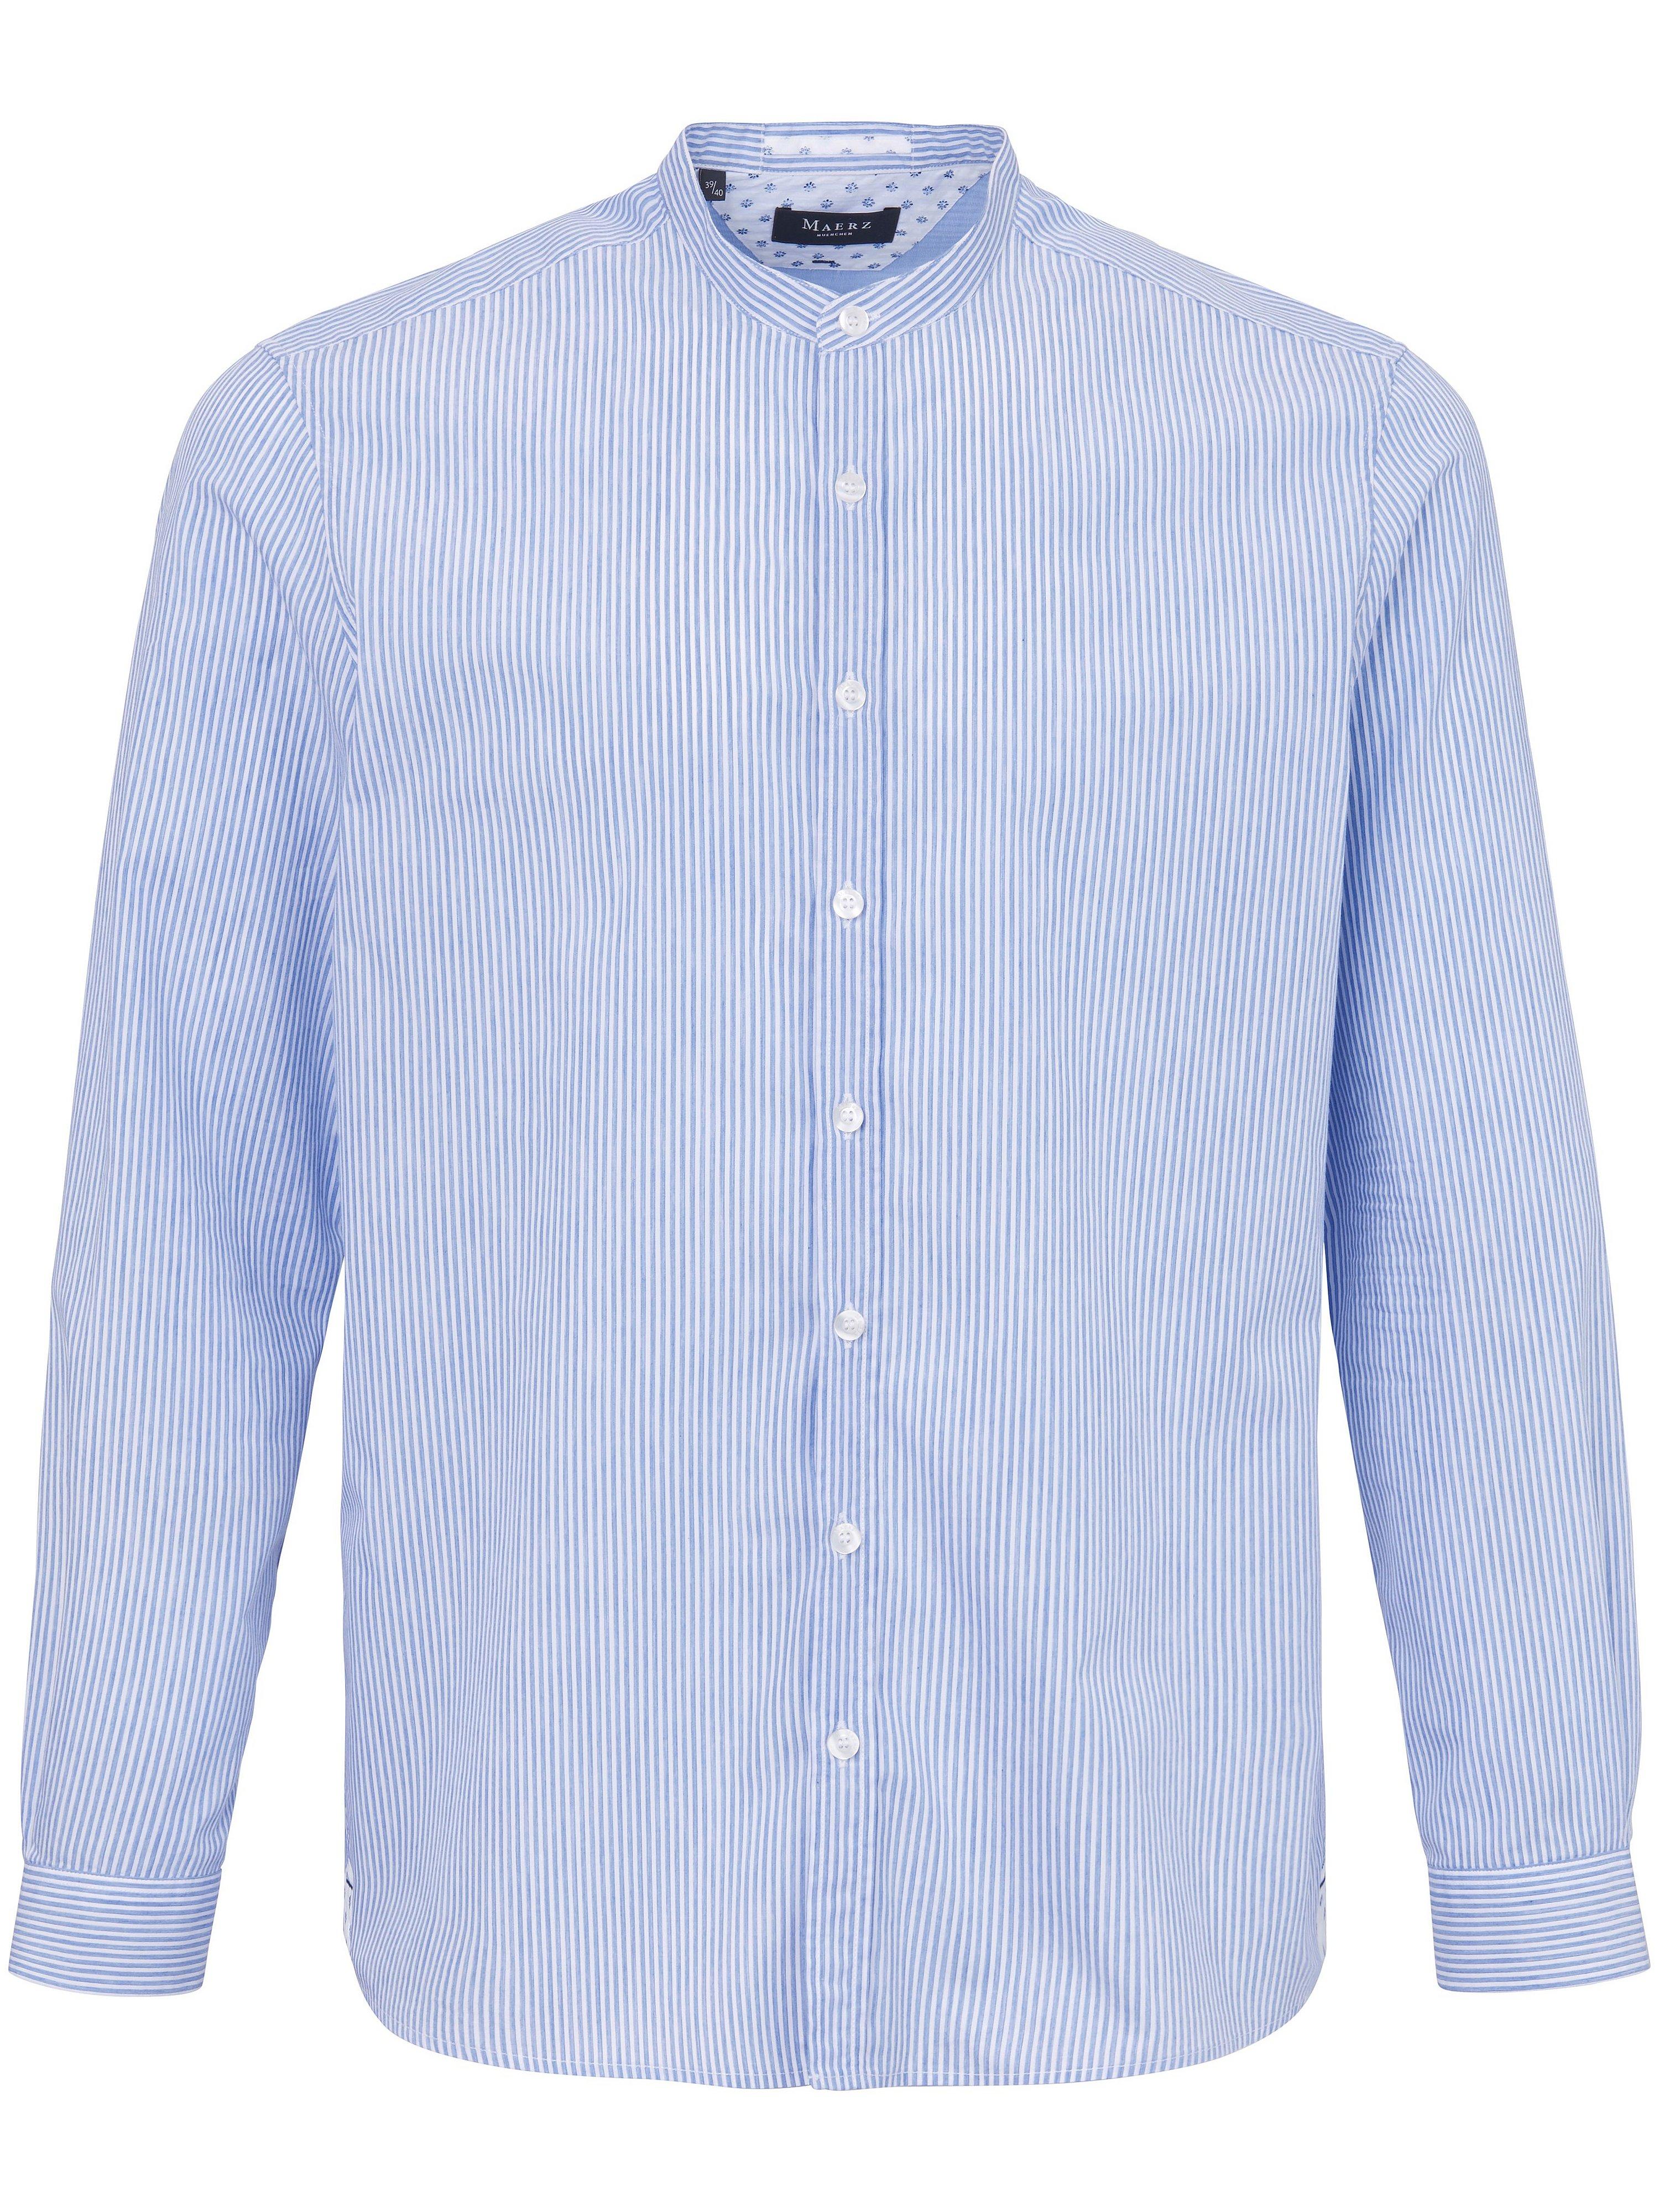 La chemise 100% coton  MAERZ Muenchen bleu taille 43/44